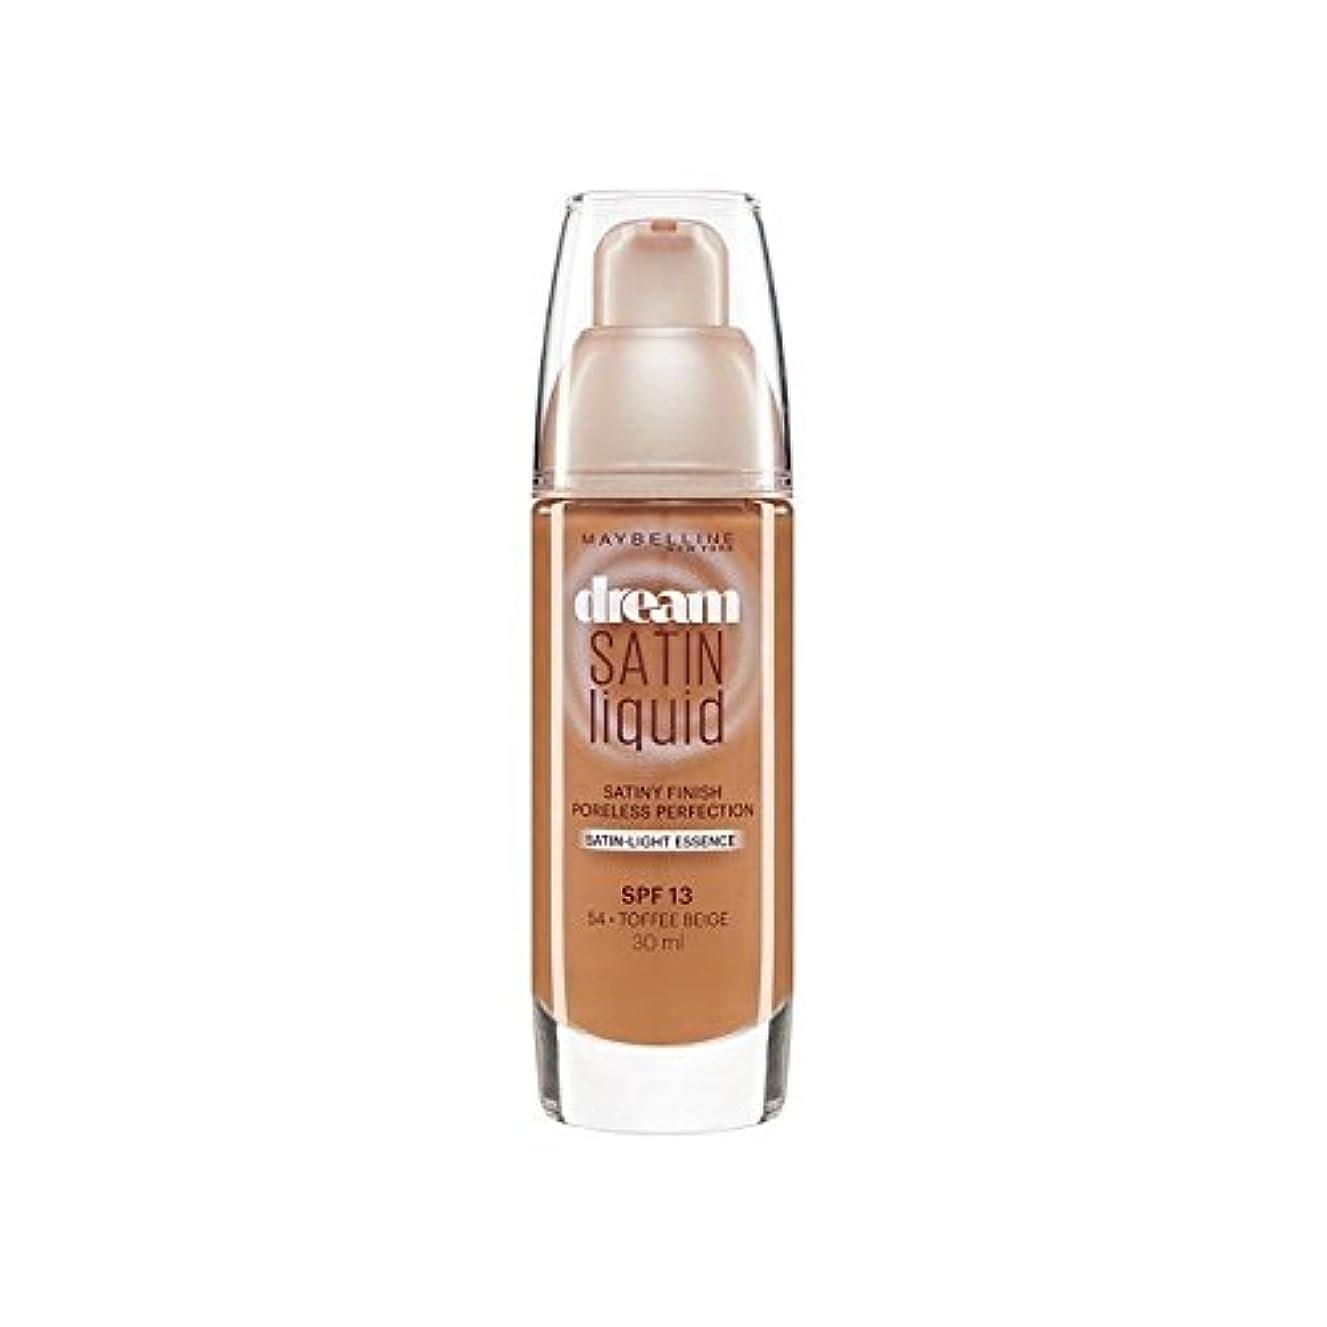 水分ウェイトレス取り消すMaybelline Dream Satin Liquid Foundation 54 Toffee 30ml - メイベリン夢サテンリキッドファンデーション54タフィー30ミリリットル [並行輸入品]